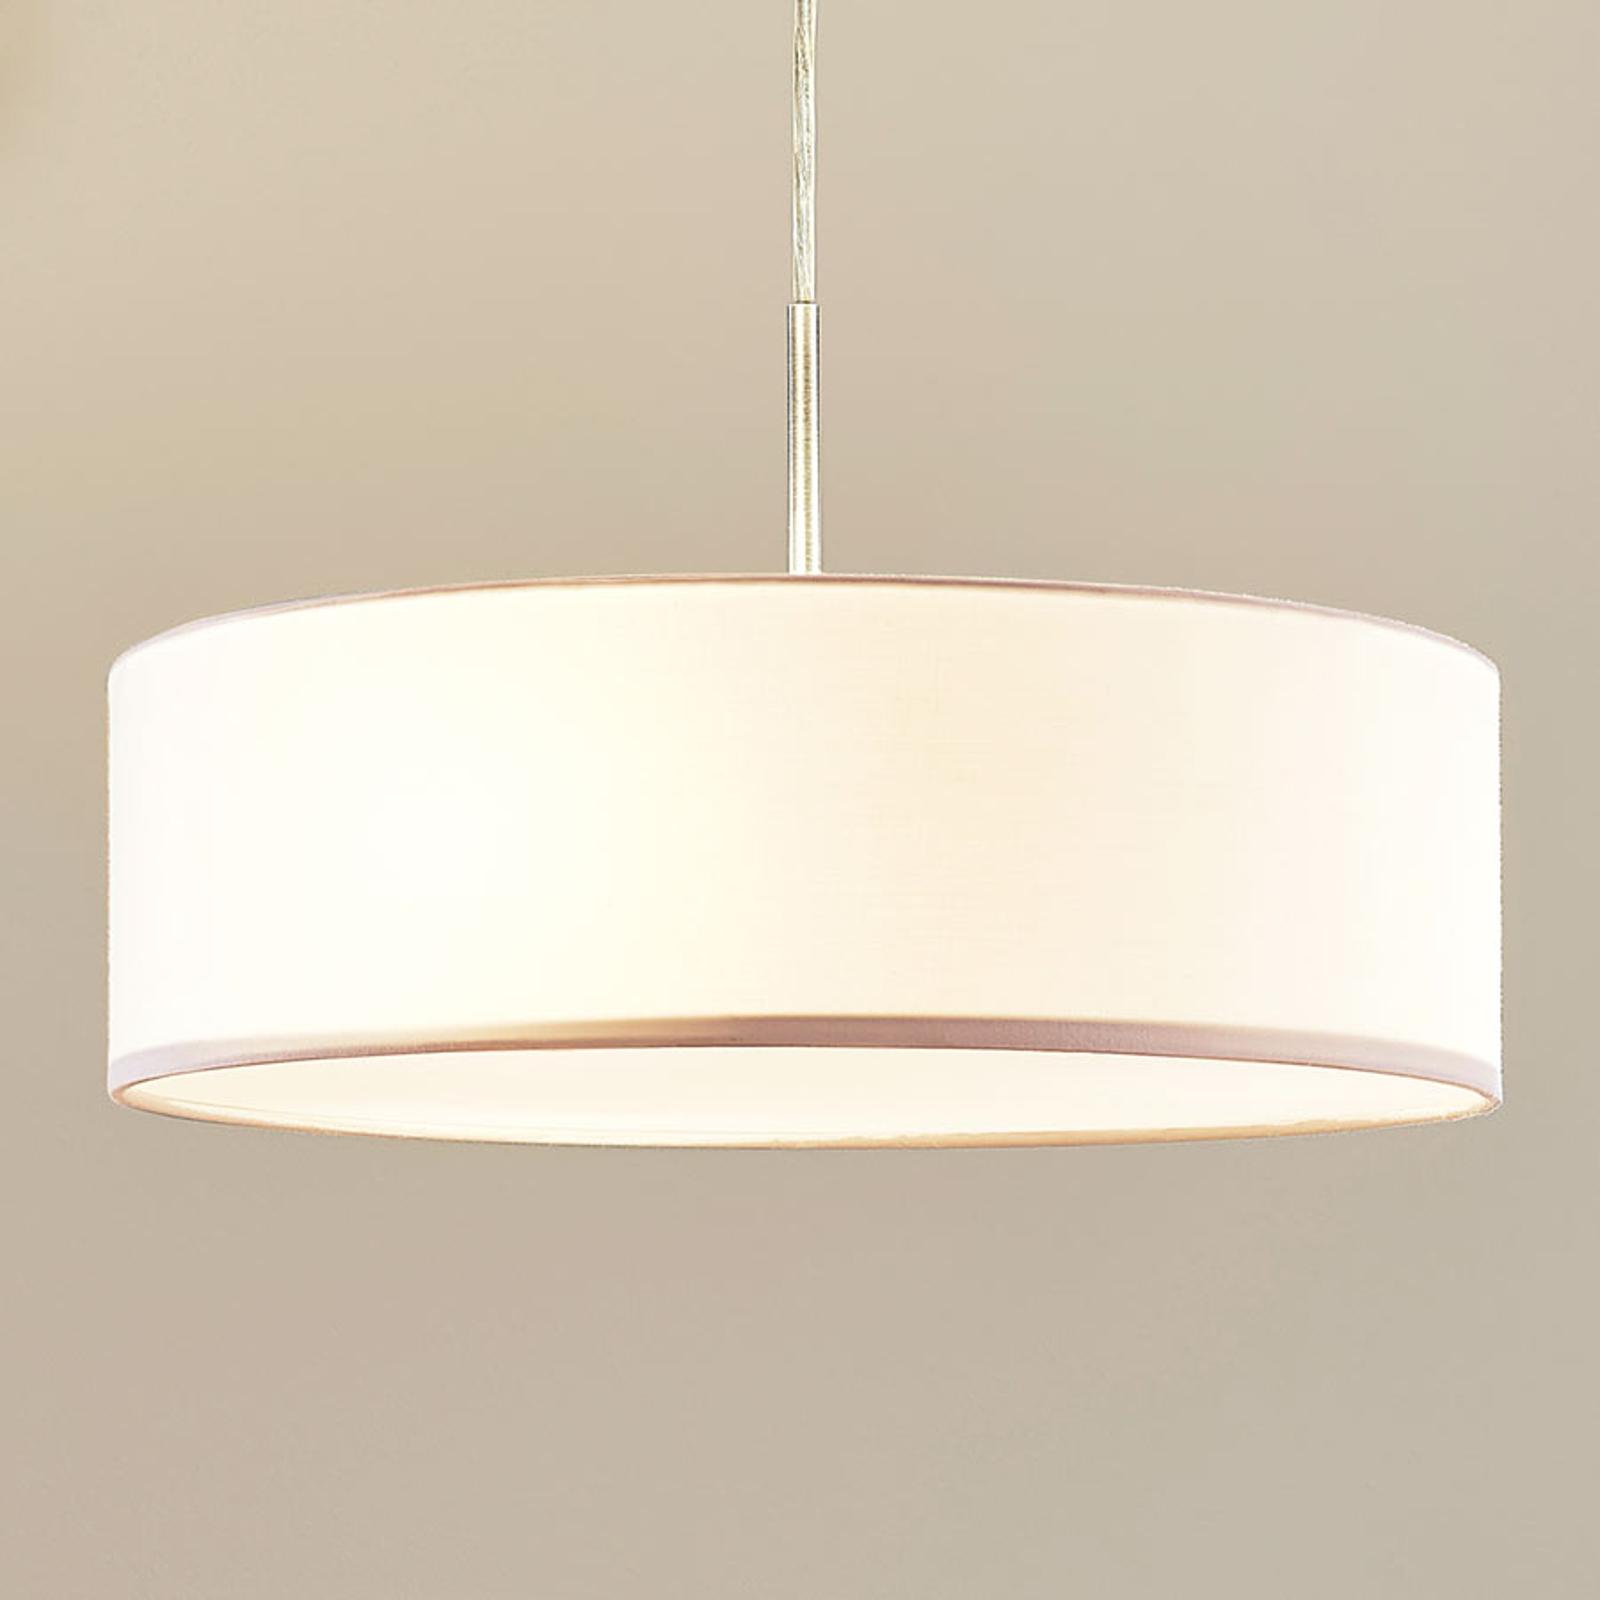 Závěsná lampa Sebatin, 40 cm, smetanová